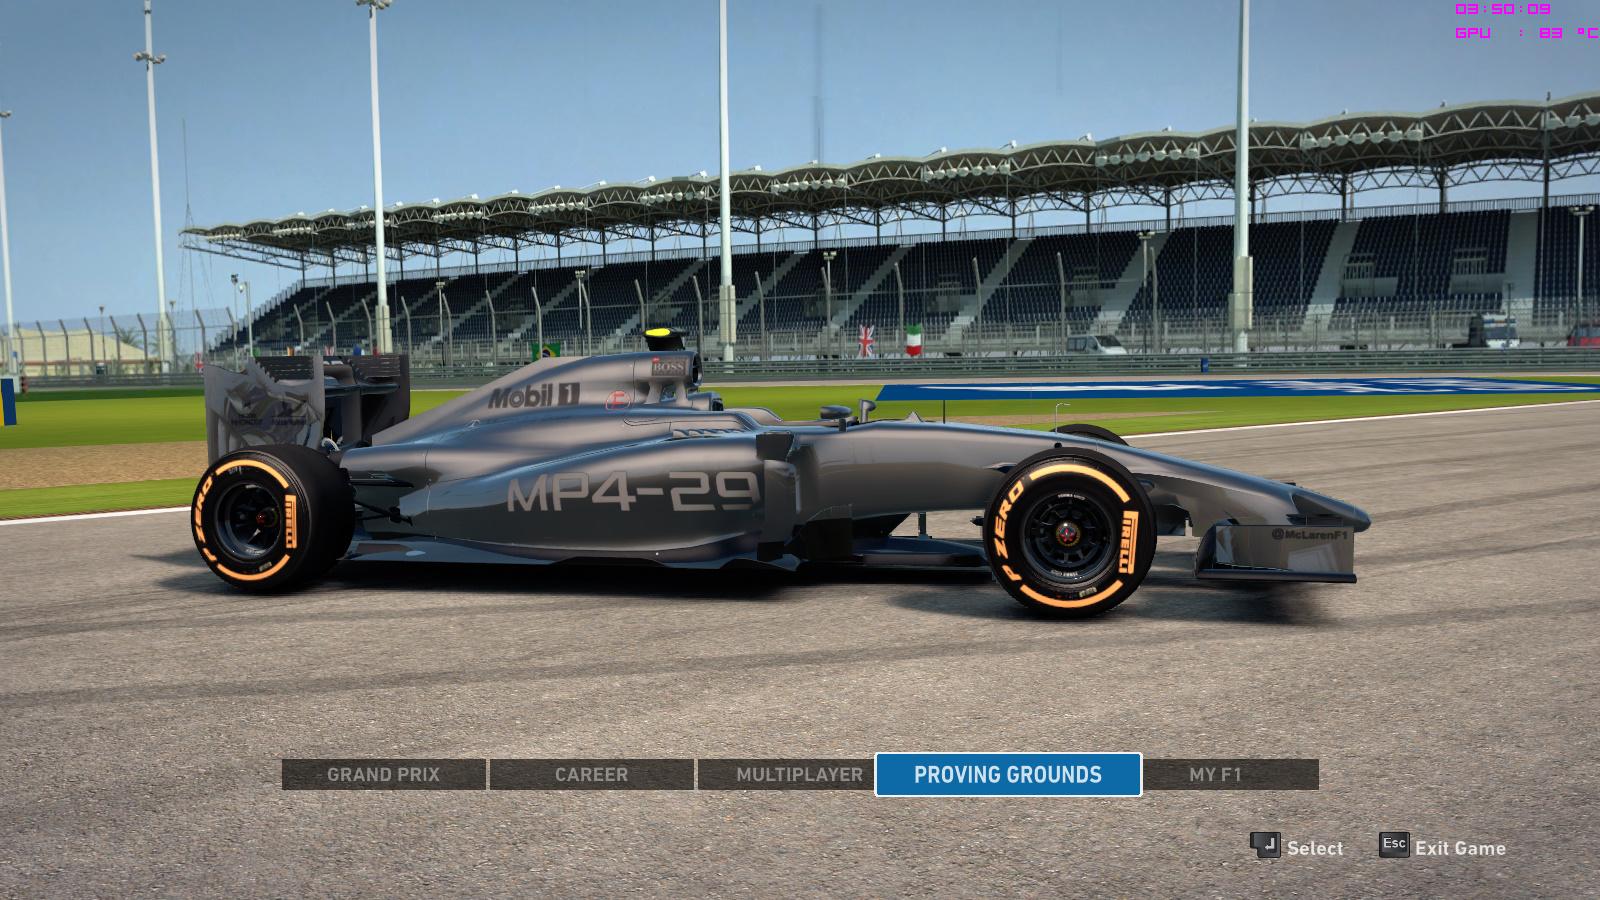 F1_2014 2014-10-18 03-50-09-652.jpg